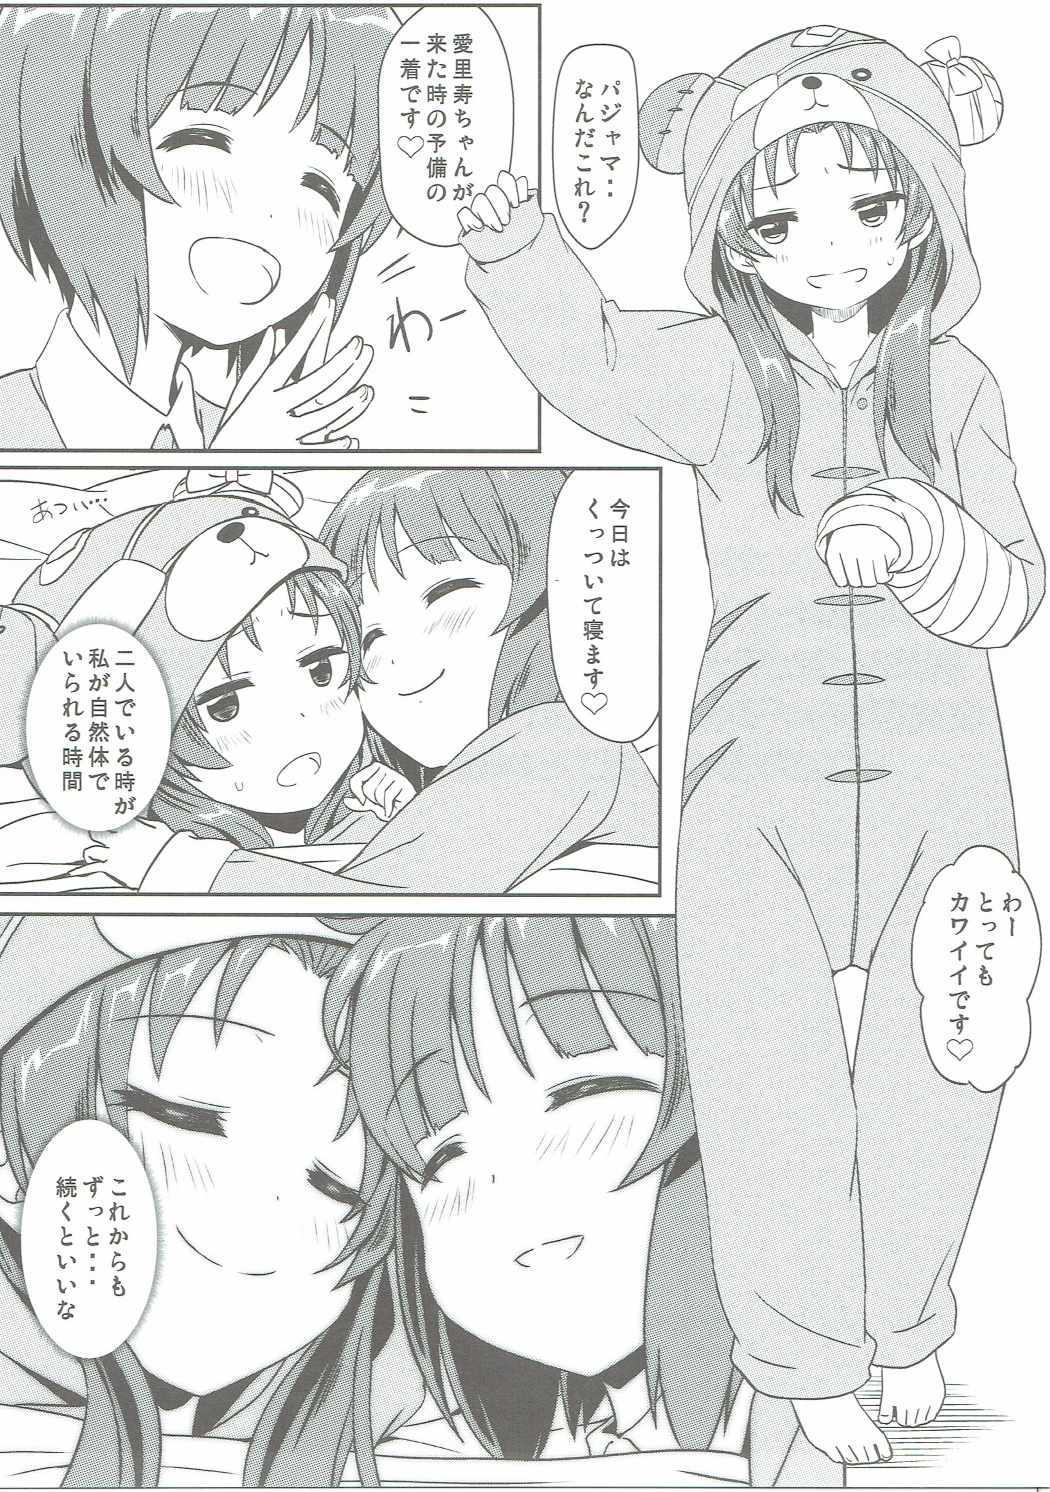 Miho to Anzu no Naisho no Himegoto 15